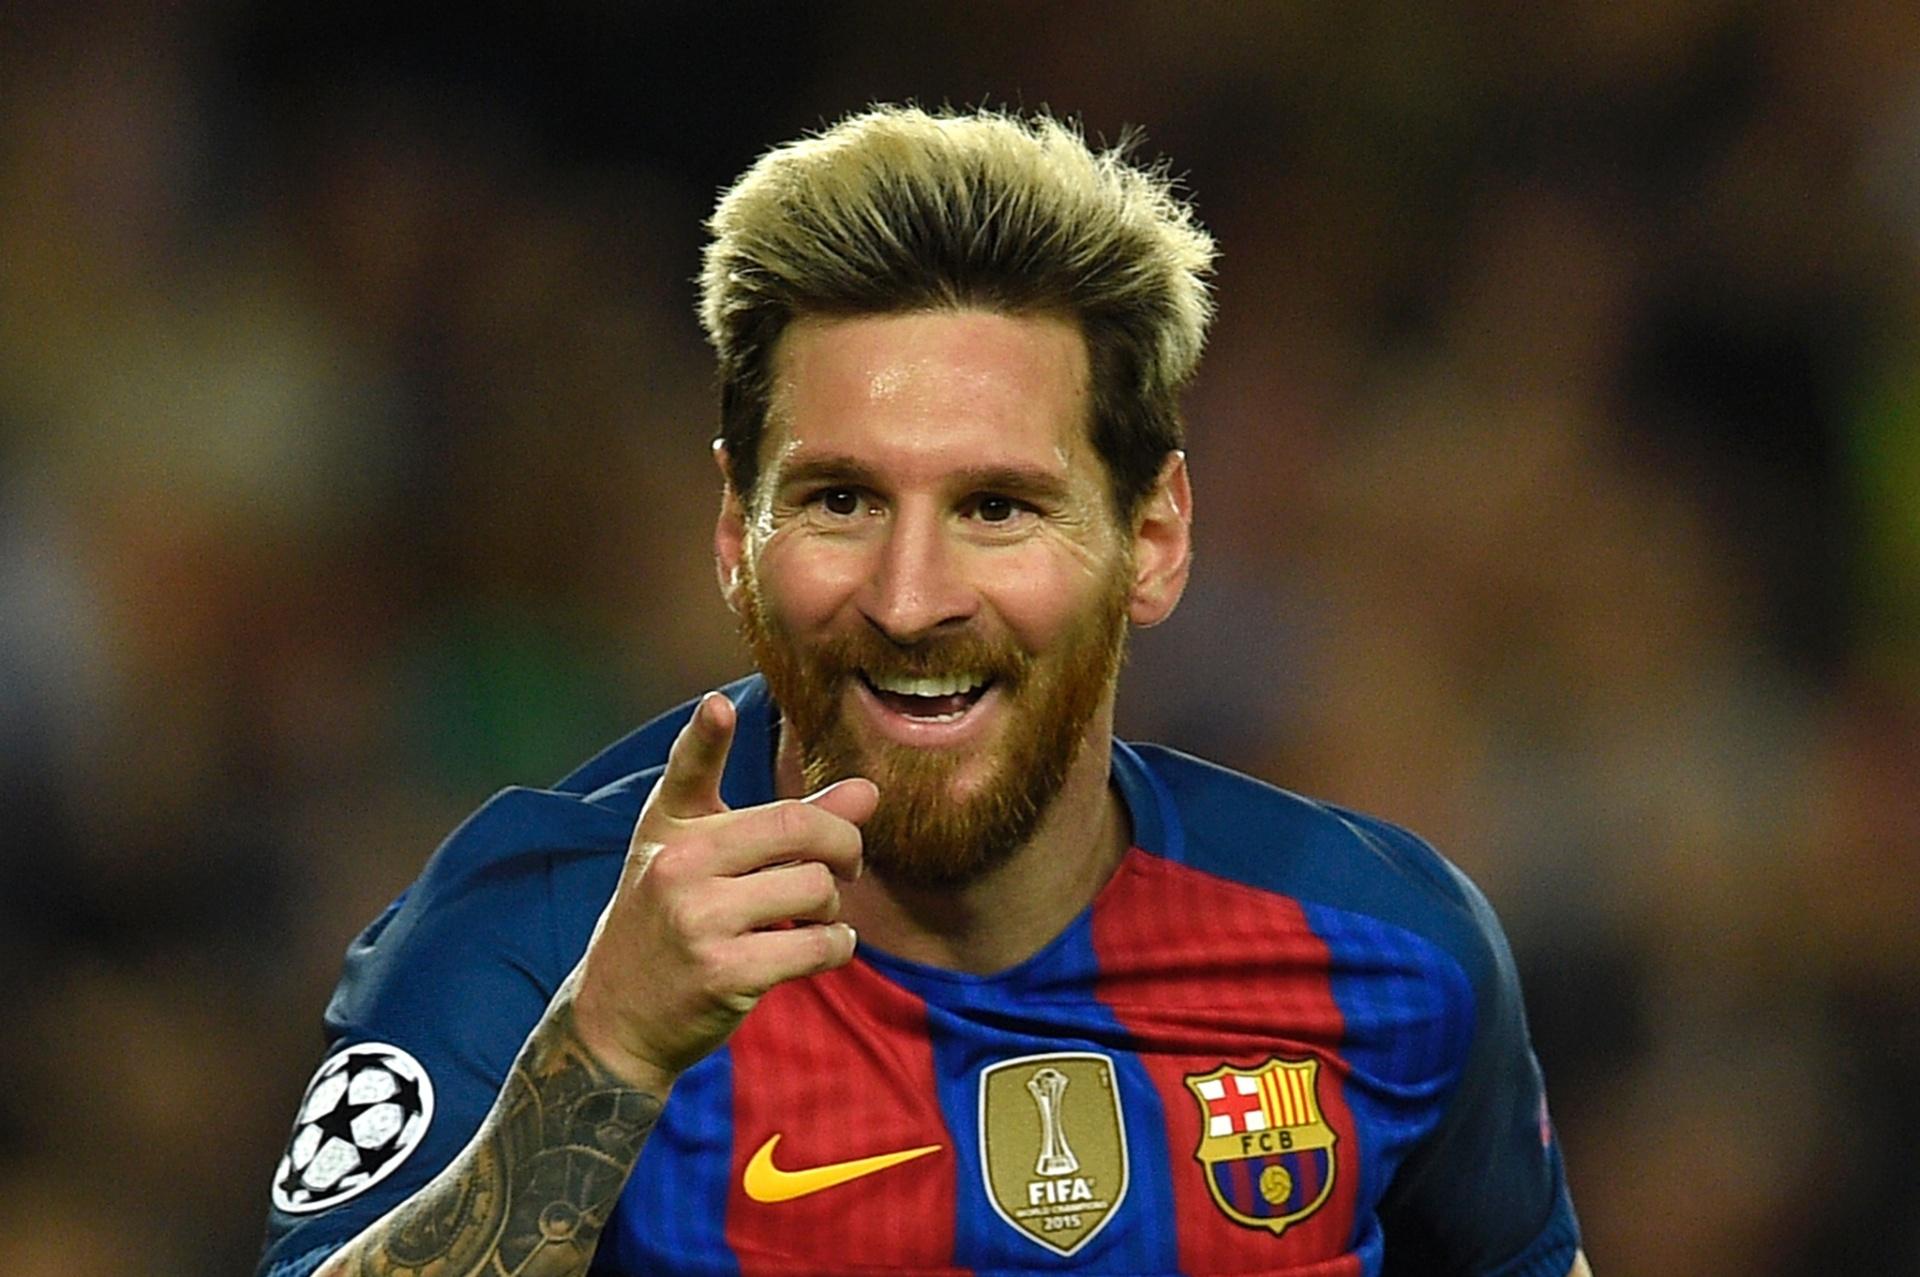 Barcelona bate Valencia com gol de Messi no último lance e assume liderança  - 22 10 2016 - UOL Esporte ceefaa30f453d